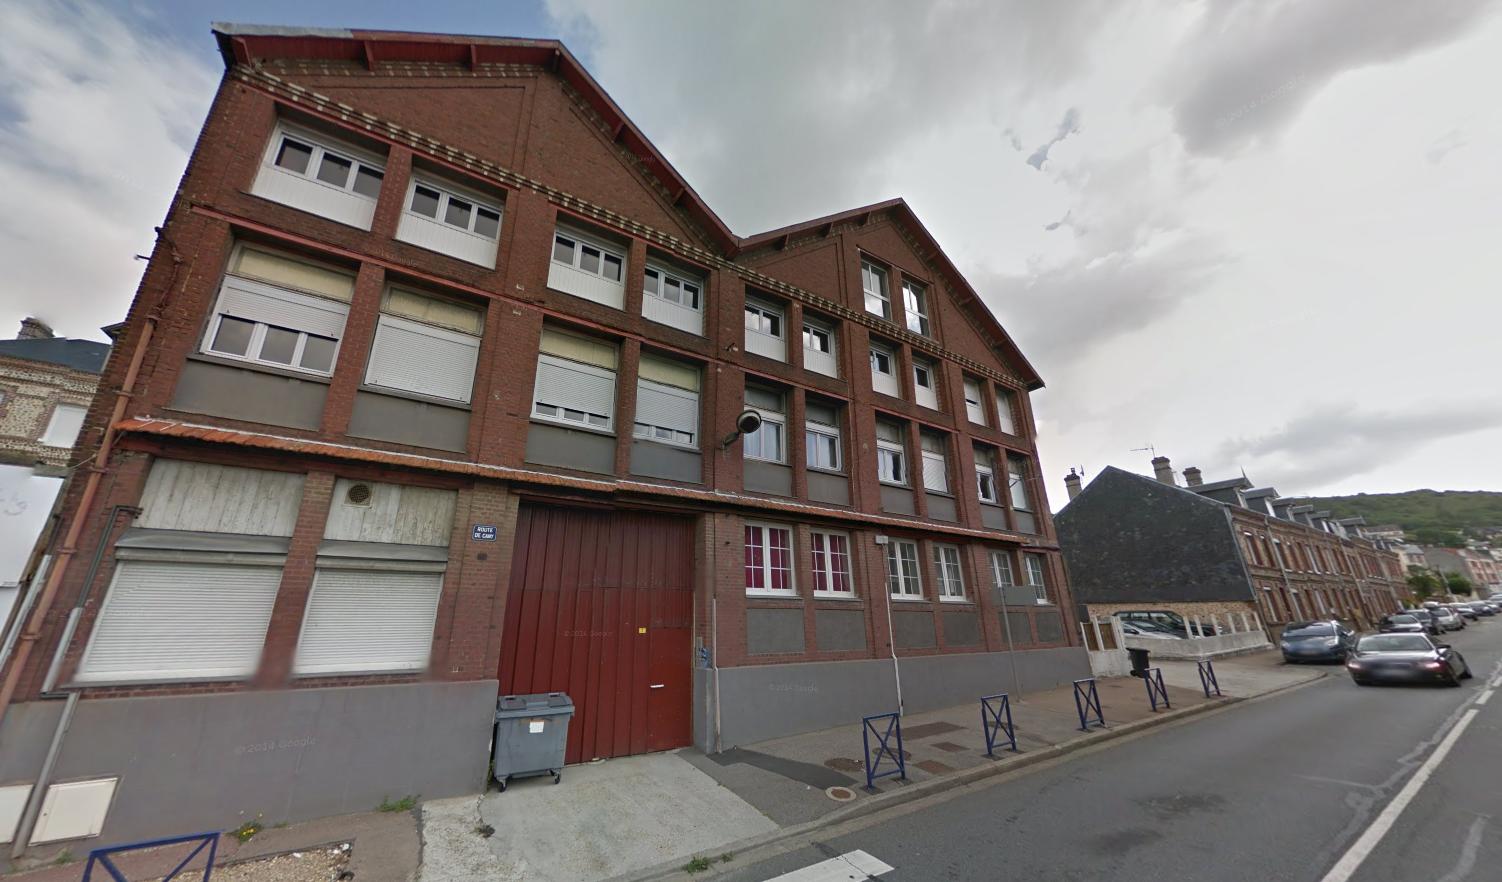 Selon les secours le feu se serait déclaré dans une cloison de l'immeuble (Illustration)